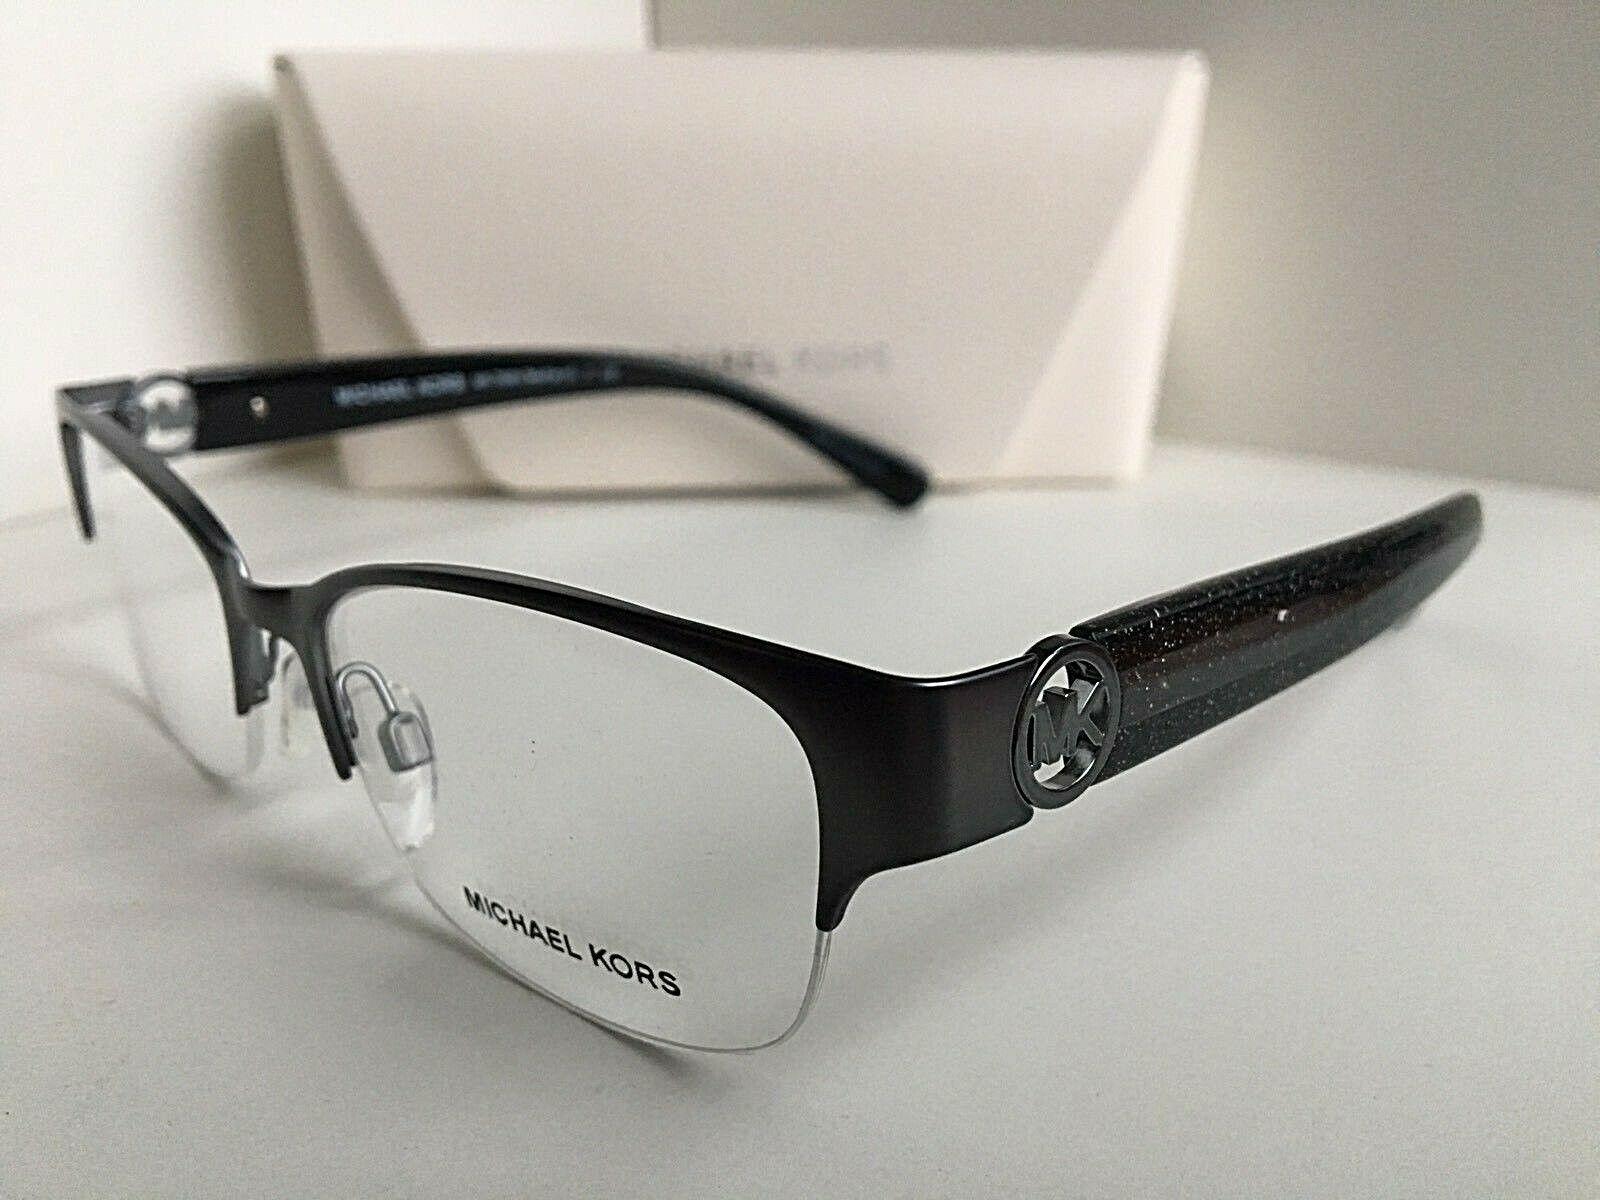 New MICHAEL KORS MK 6007 7510 52mm Gray Women's Eyeglasses Frame